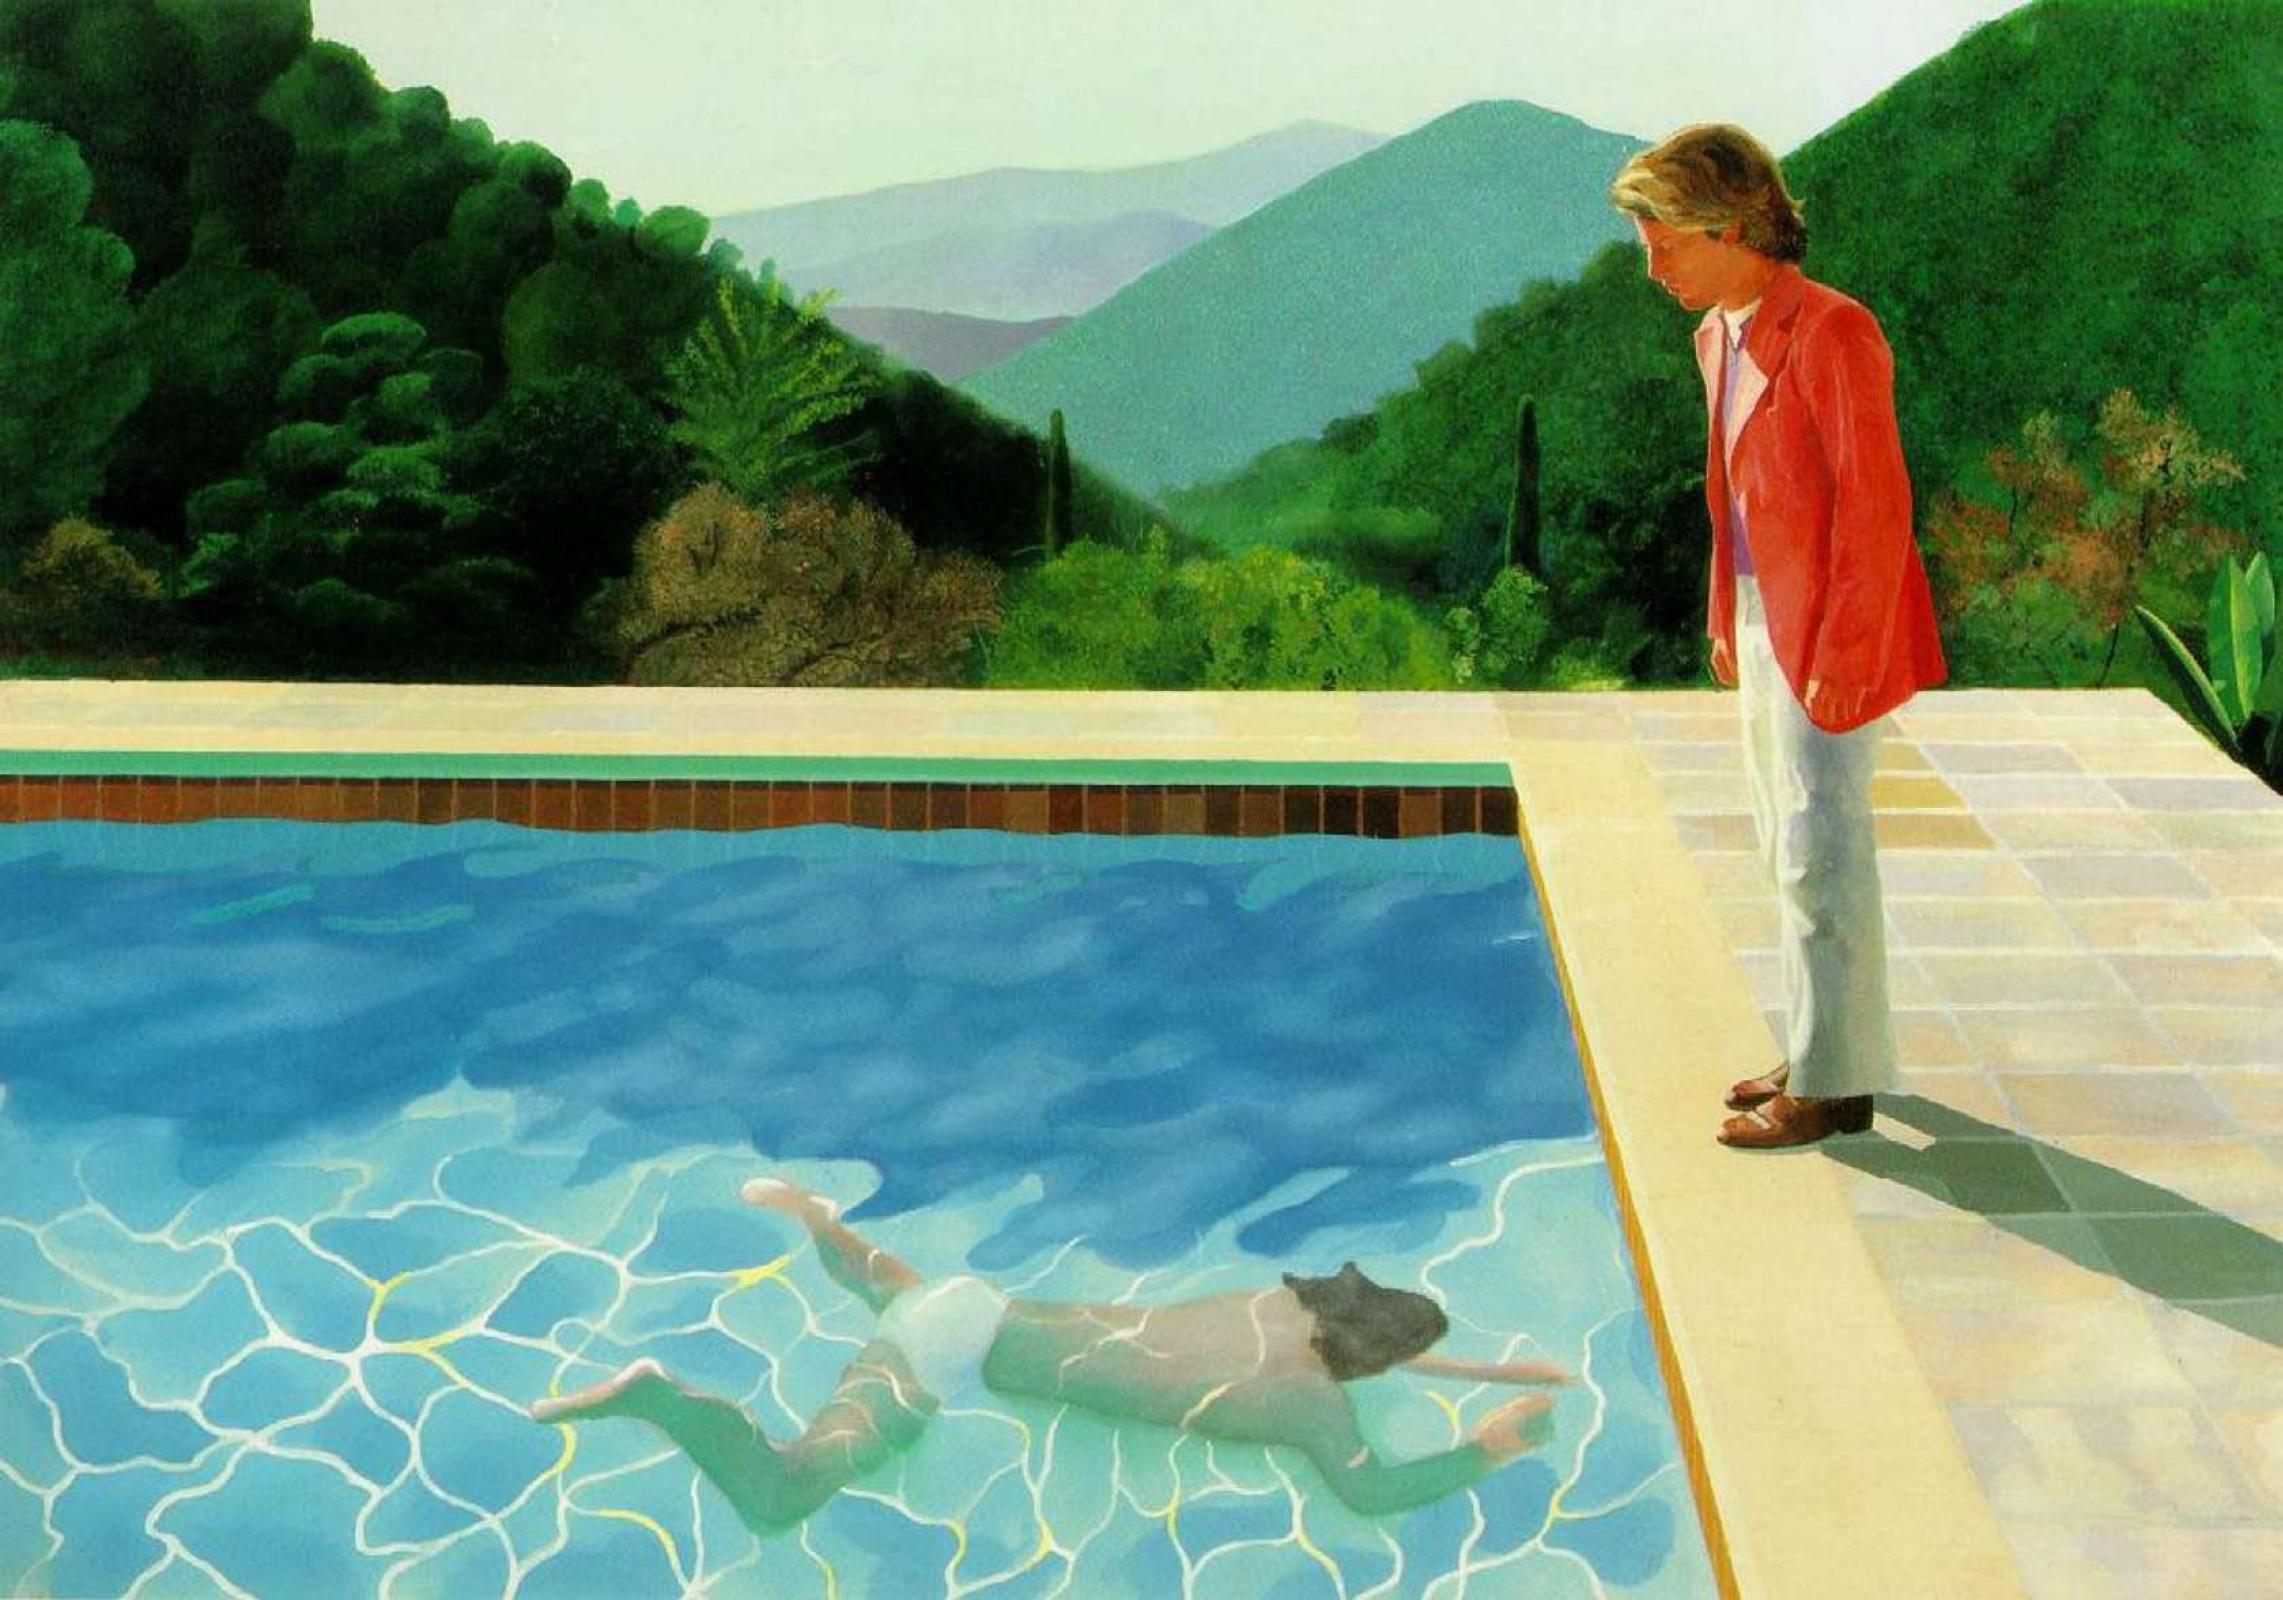 Дэвид Хокни. Портрет художника (Бассейн с двумя фигурами)